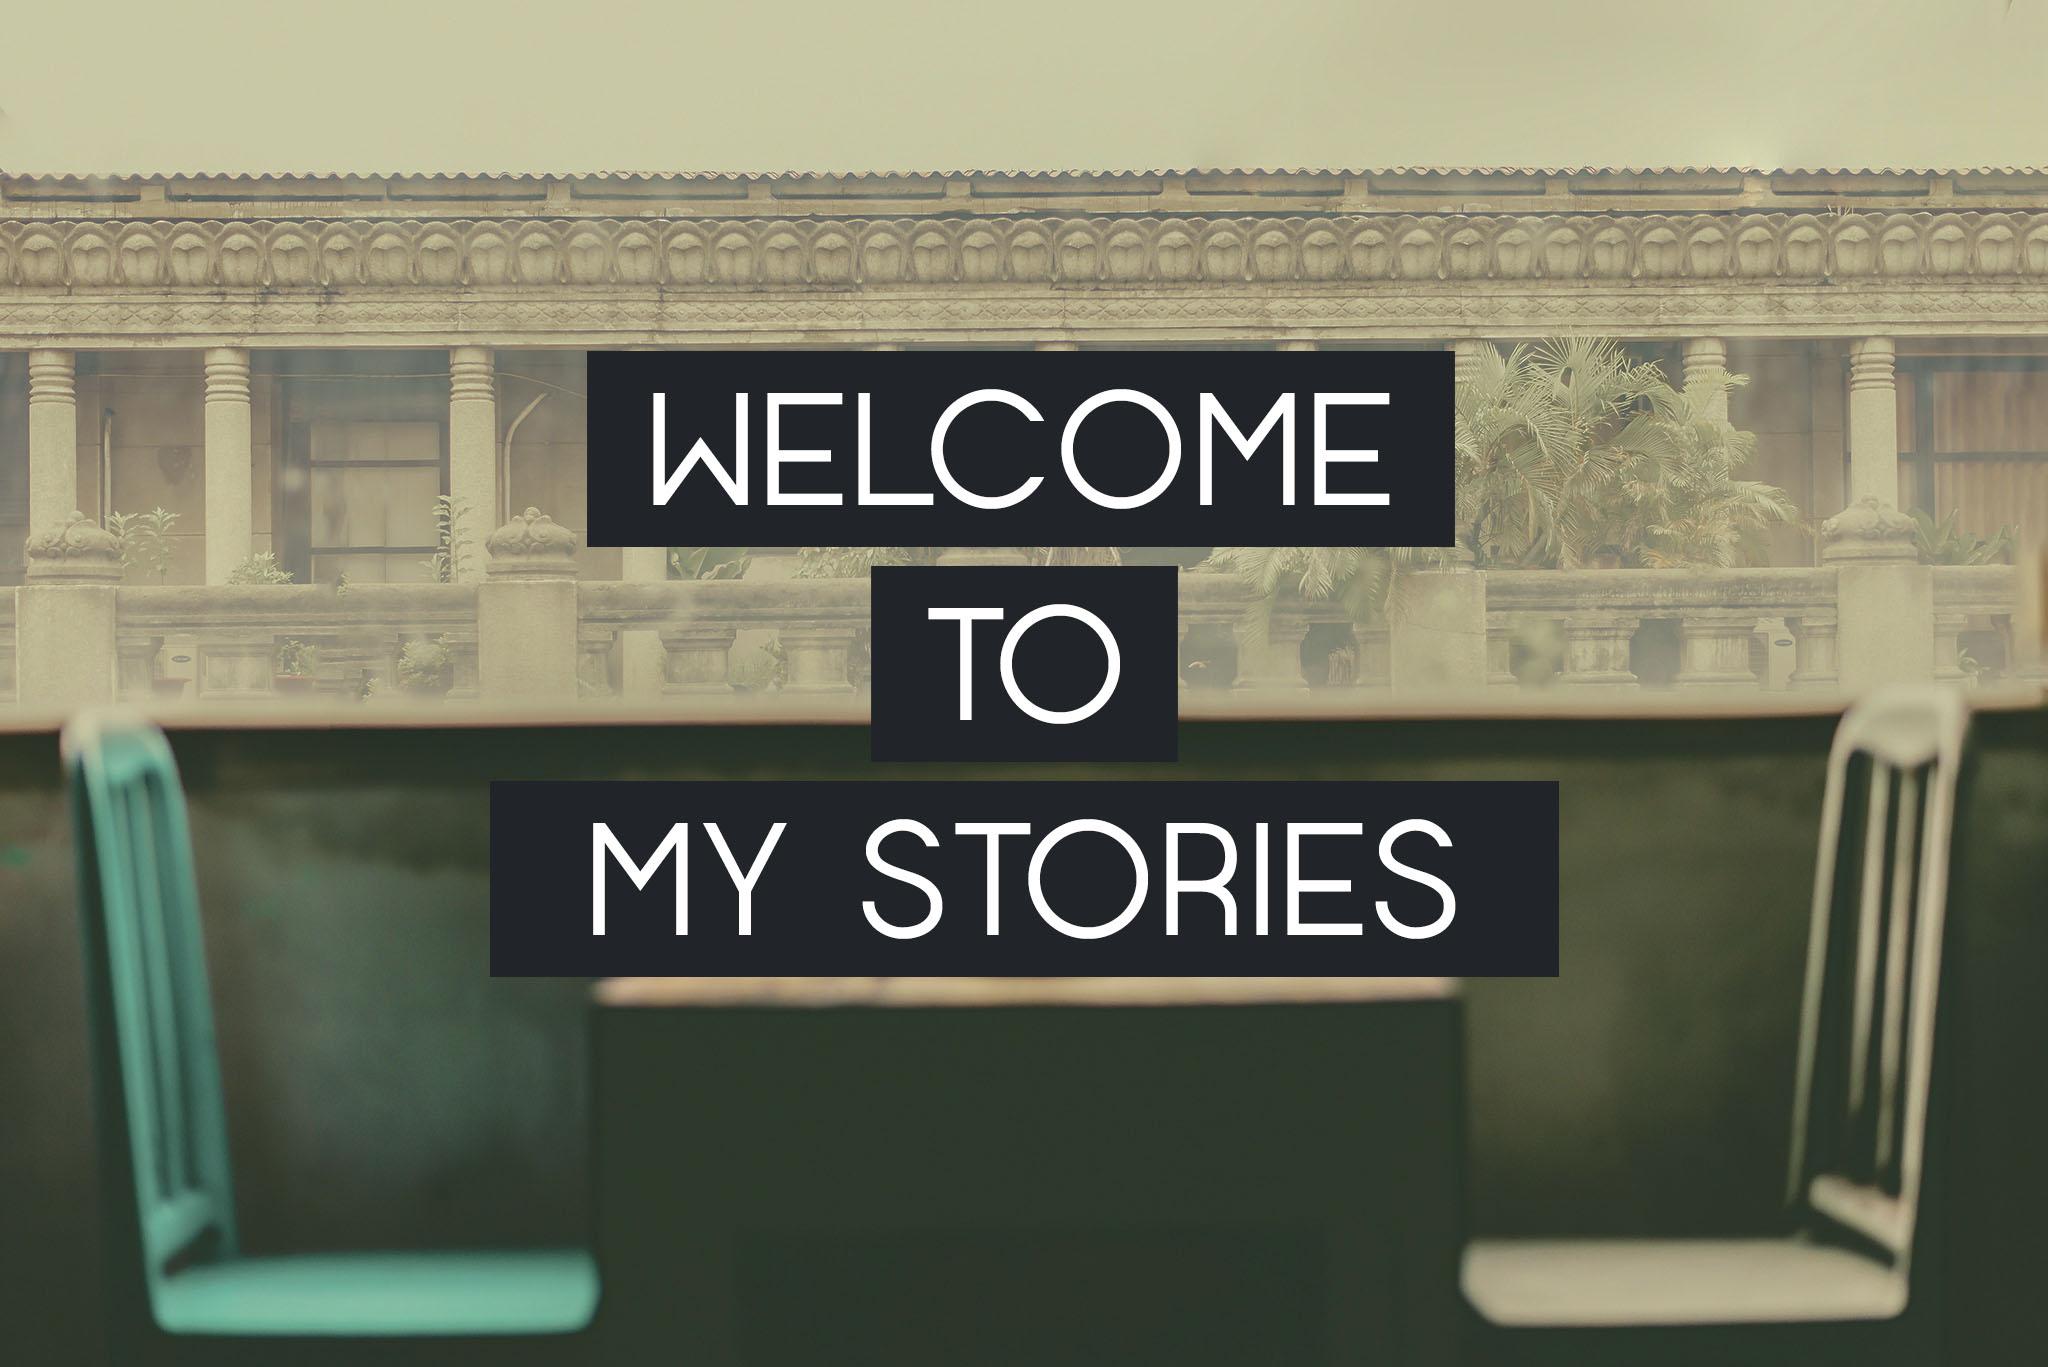 stories.jejeblog.net